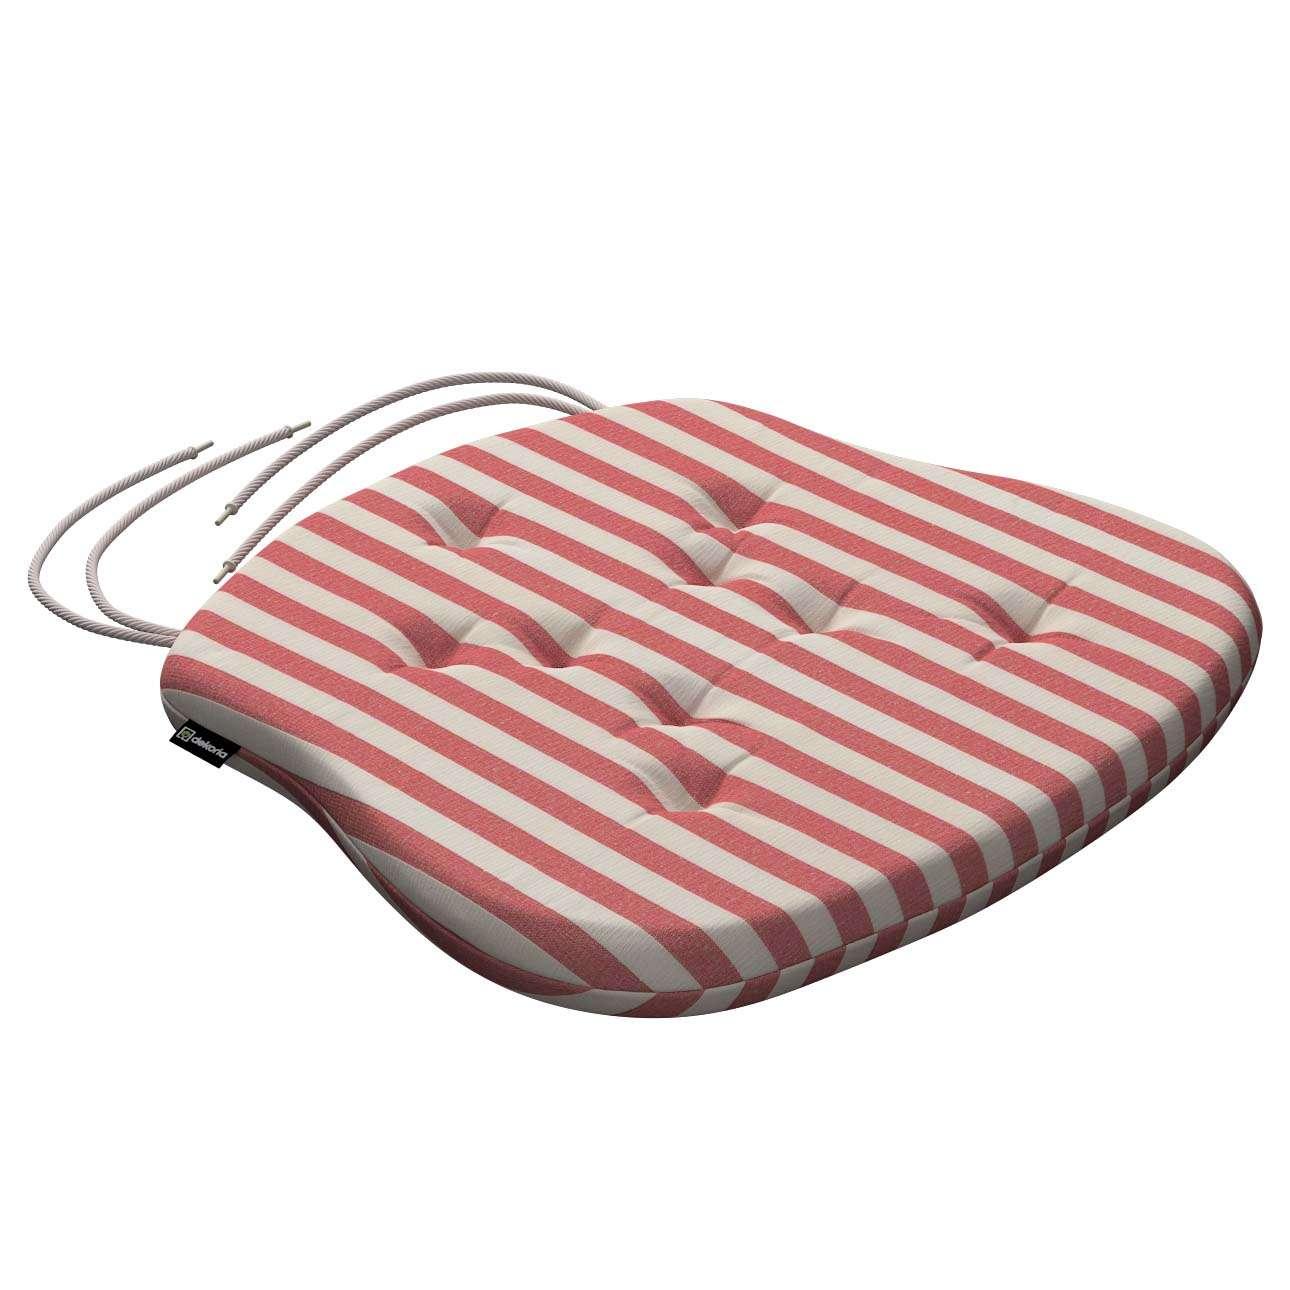 Siedzisko Filip na krzesło 41x38x3,5 cm w kolekcji Quadro, tkanina: 136-17